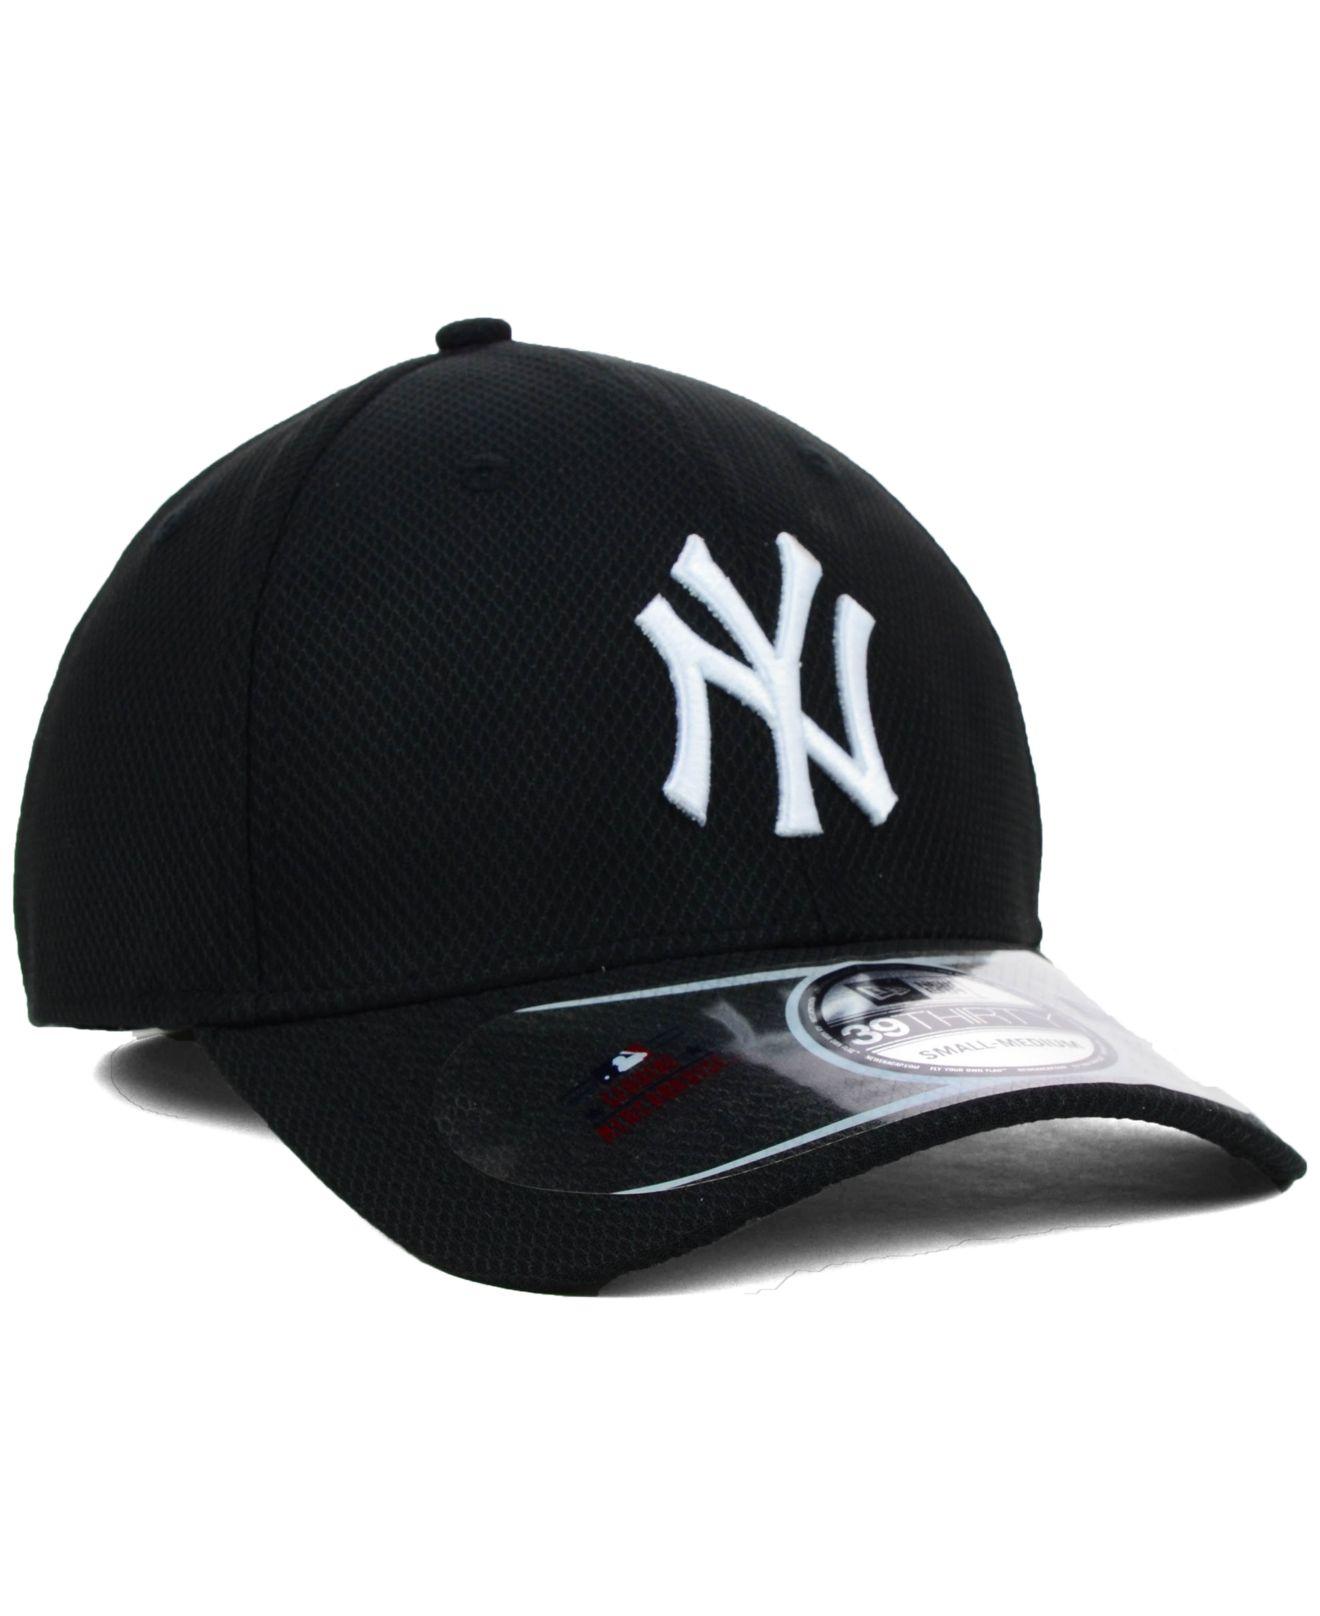 151a25a22f7 ... new arrival 50993 49203 Lyst - Ktz New York Yankees Mlb Diamond Era  Black 39thirty C ...